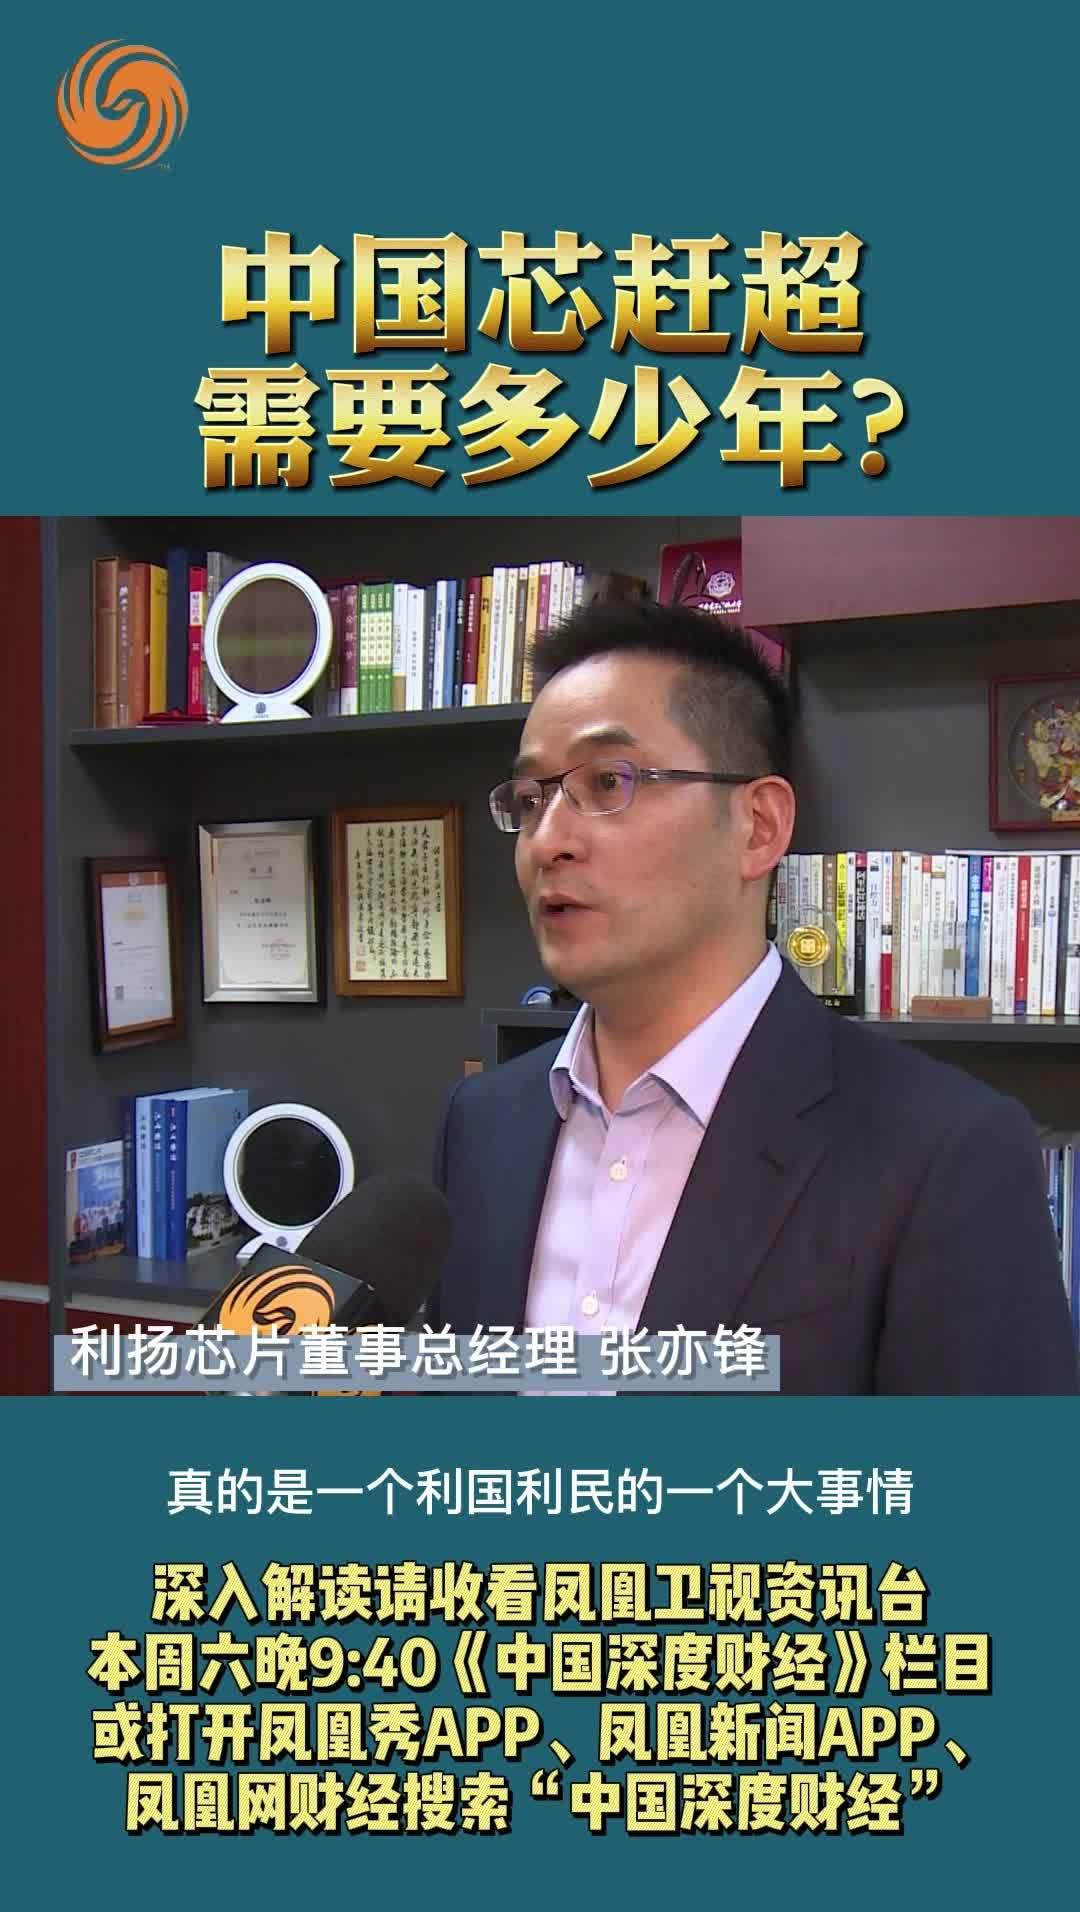 张亦锋:中国芯赶超需要多少年?